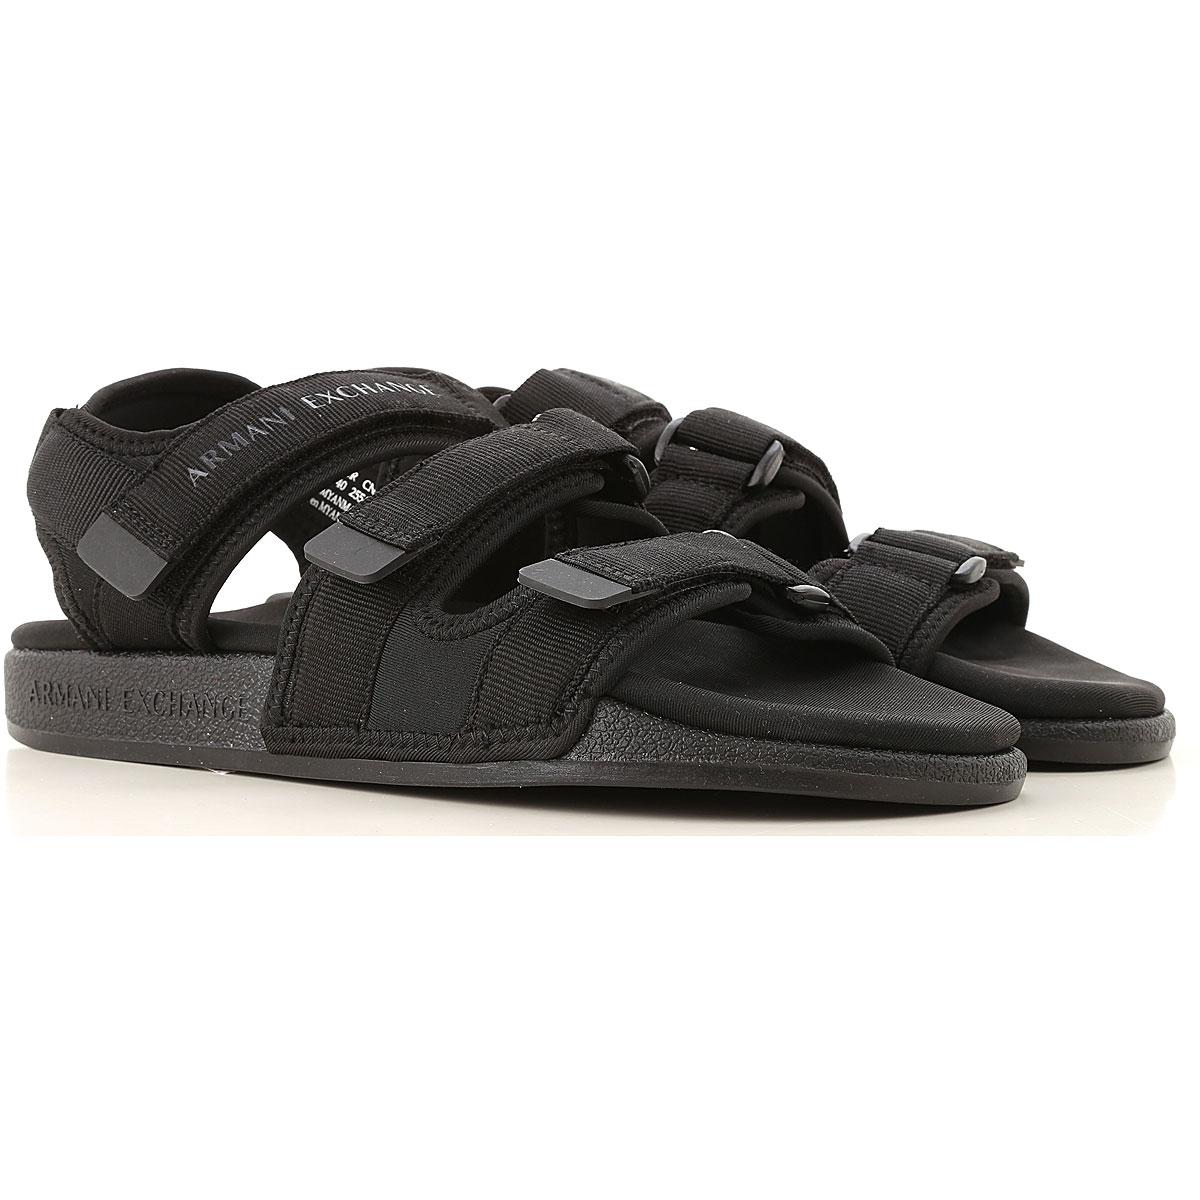 2019 Chaussures Emporio Homme Lj3f1tkc Armani Printempsété Remise DEHIW29Y